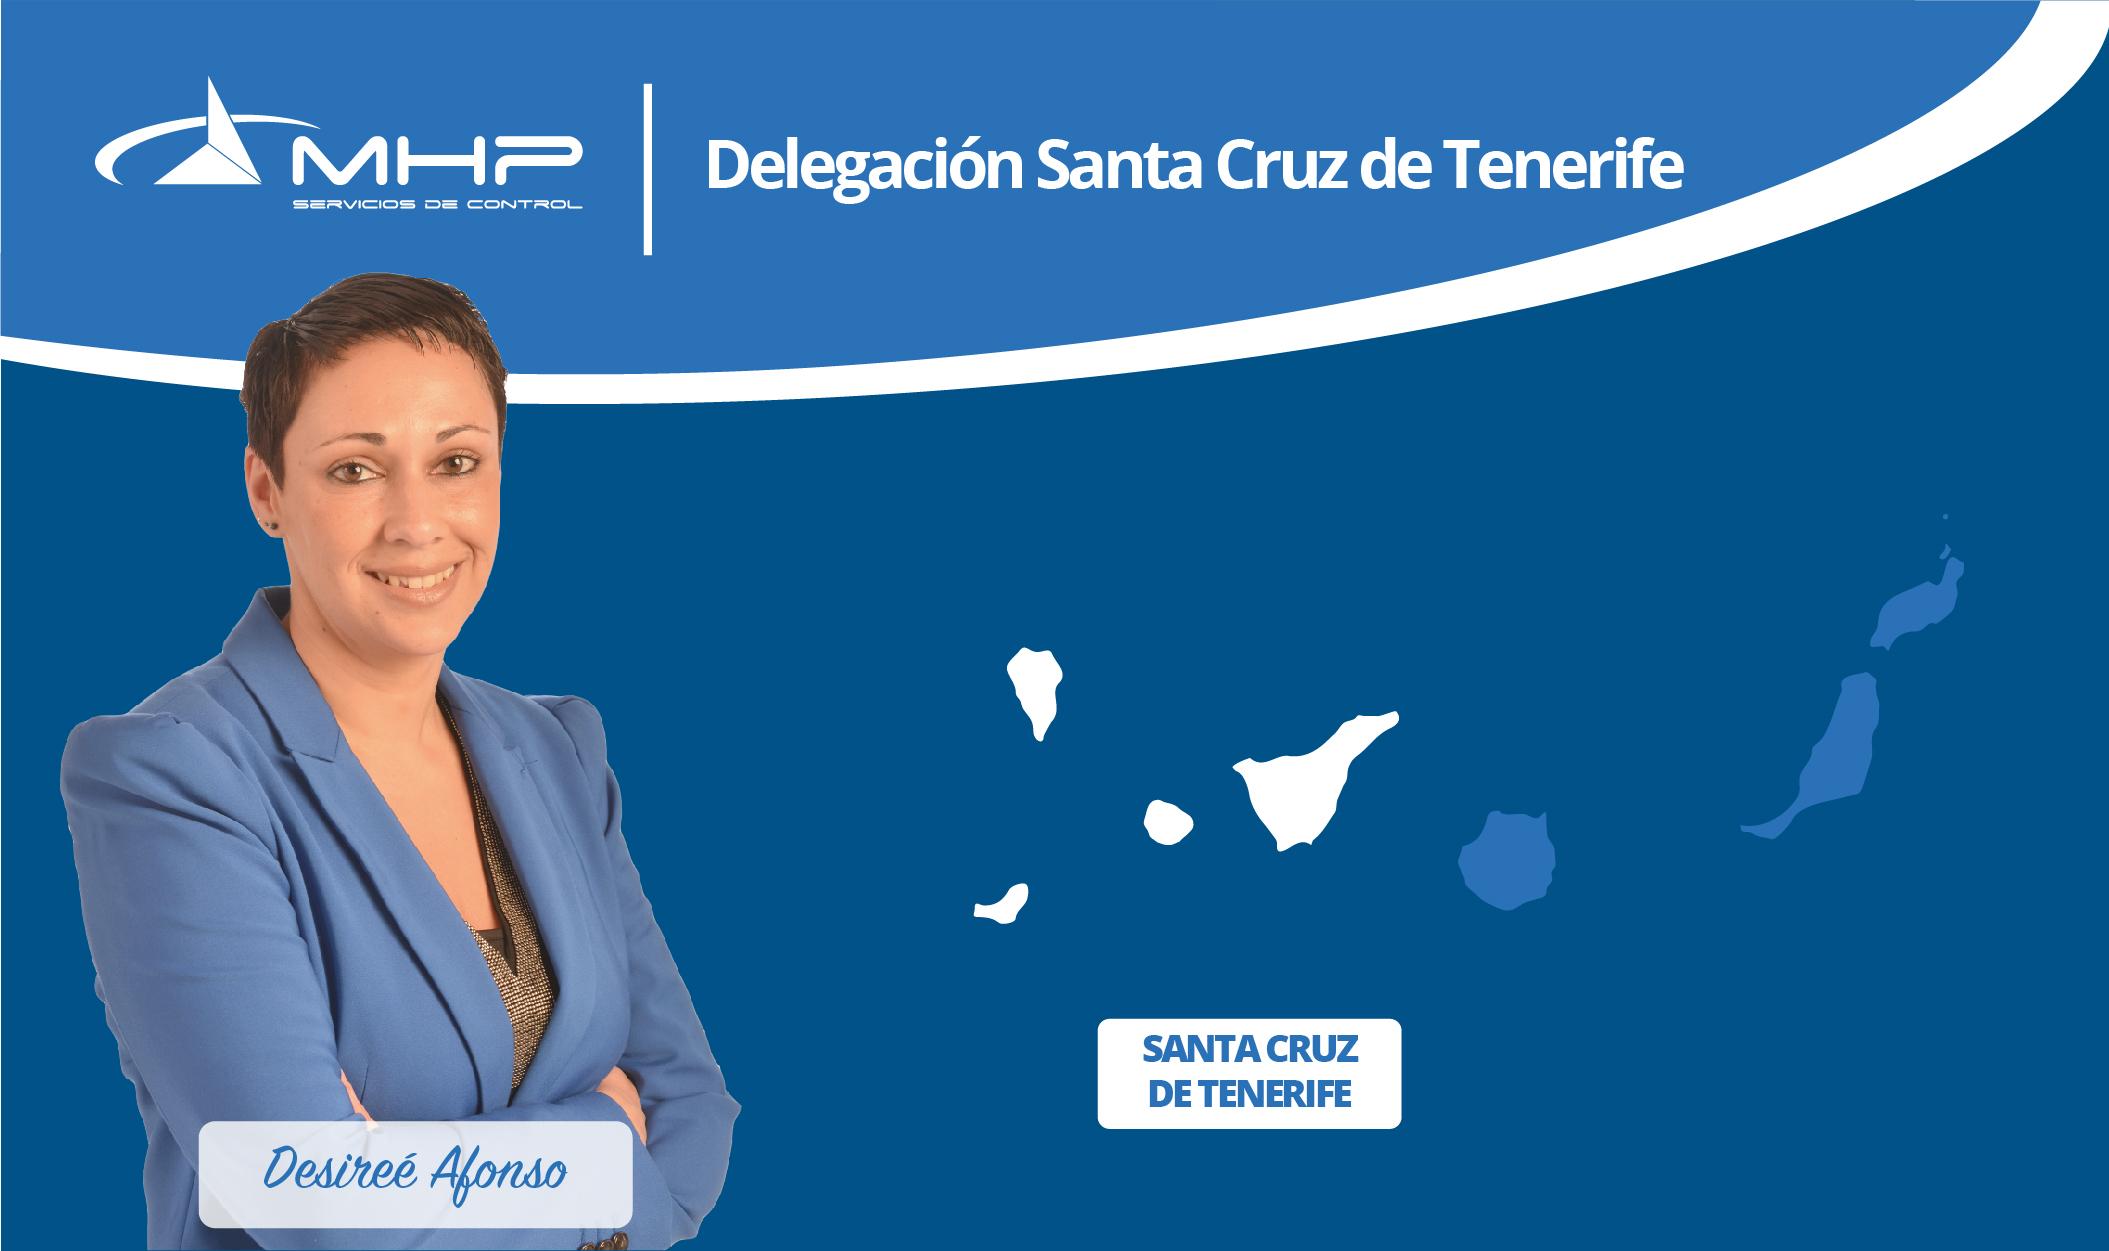 Delegación Canarias, Santa Cruz de Tenerife - Desireé Afonso